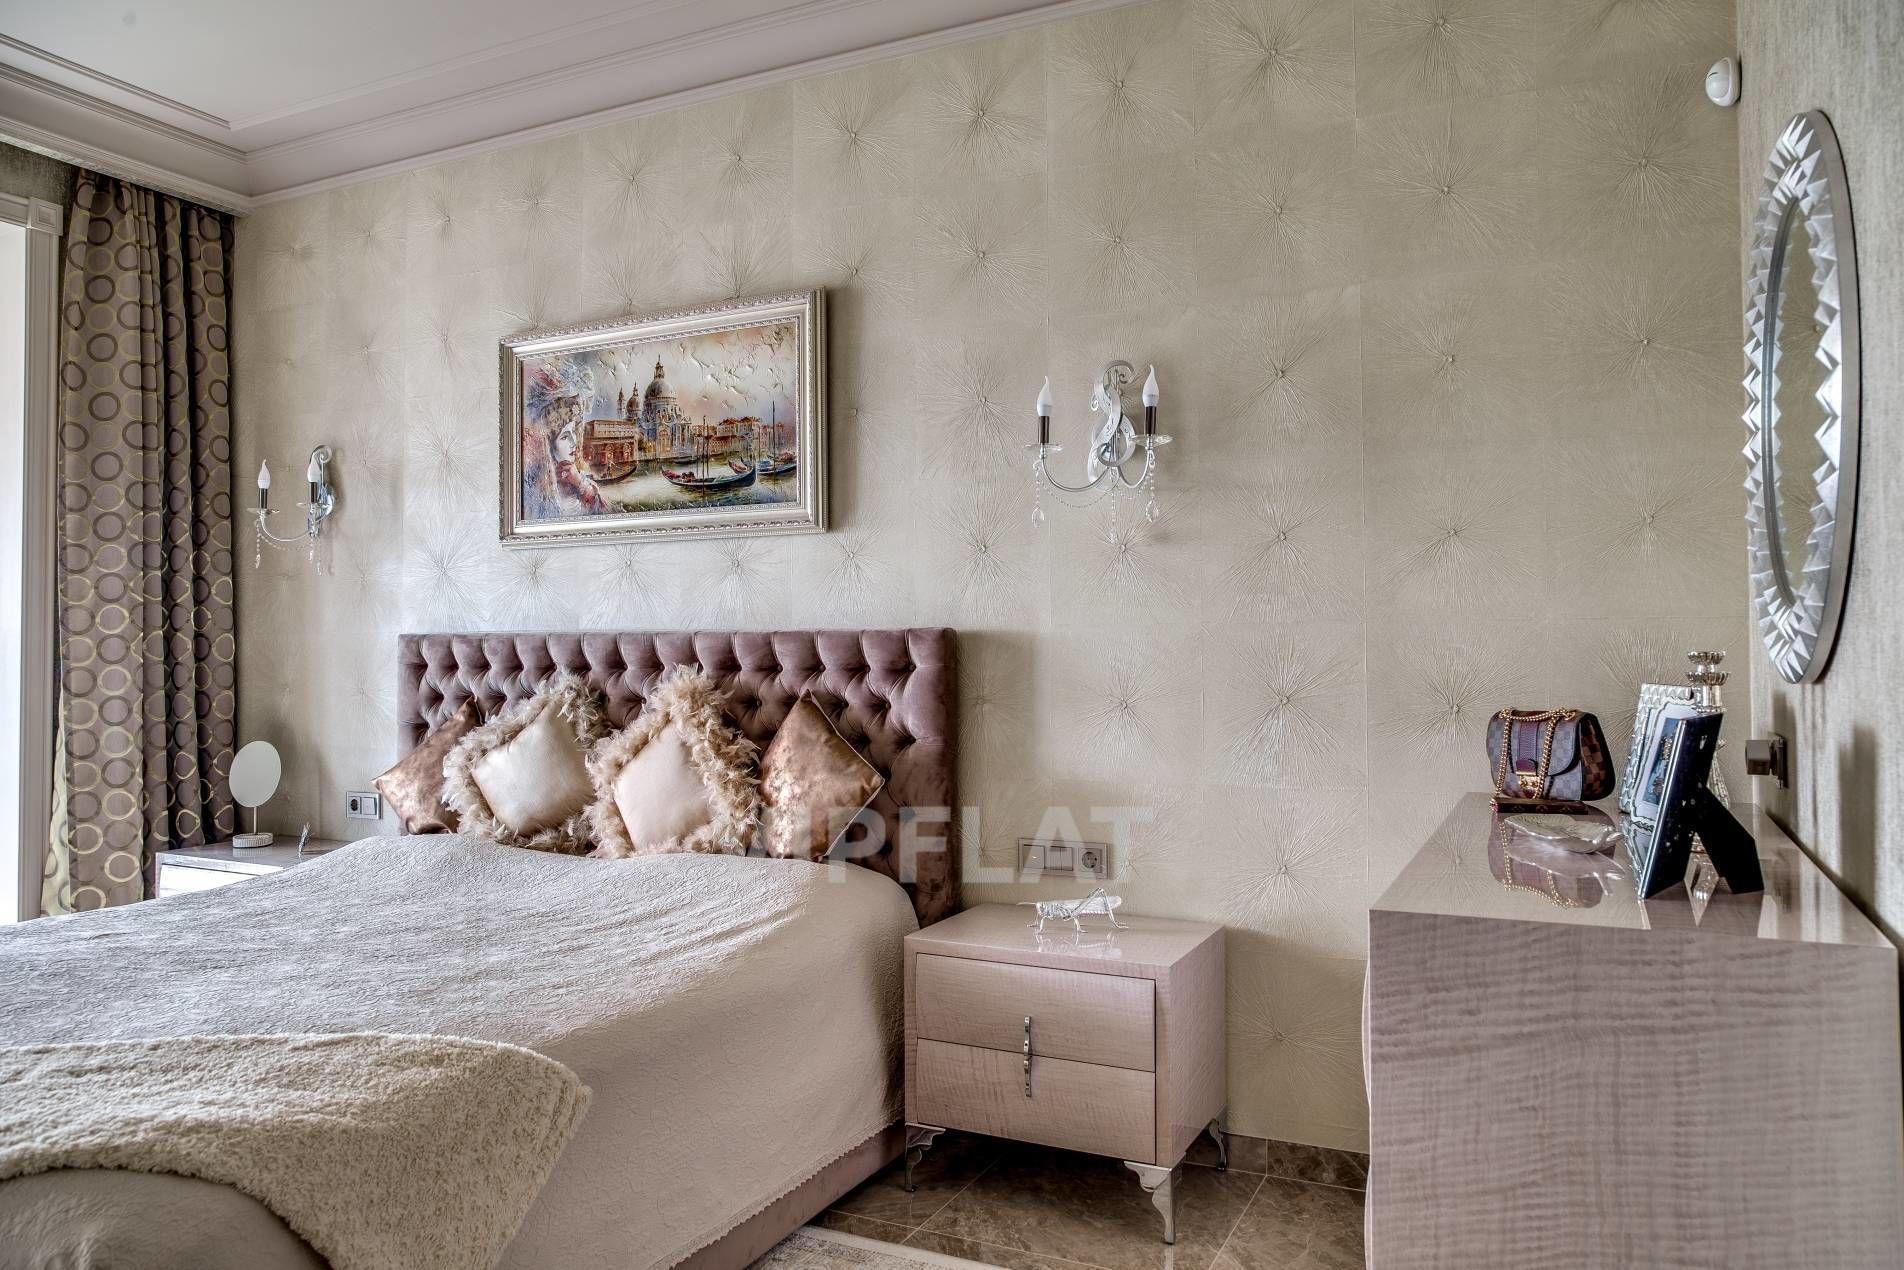 Продажа элитных квартир Санкт-Петербурга. Космонавтов пр., 63 к. 1 Интерьер спальни